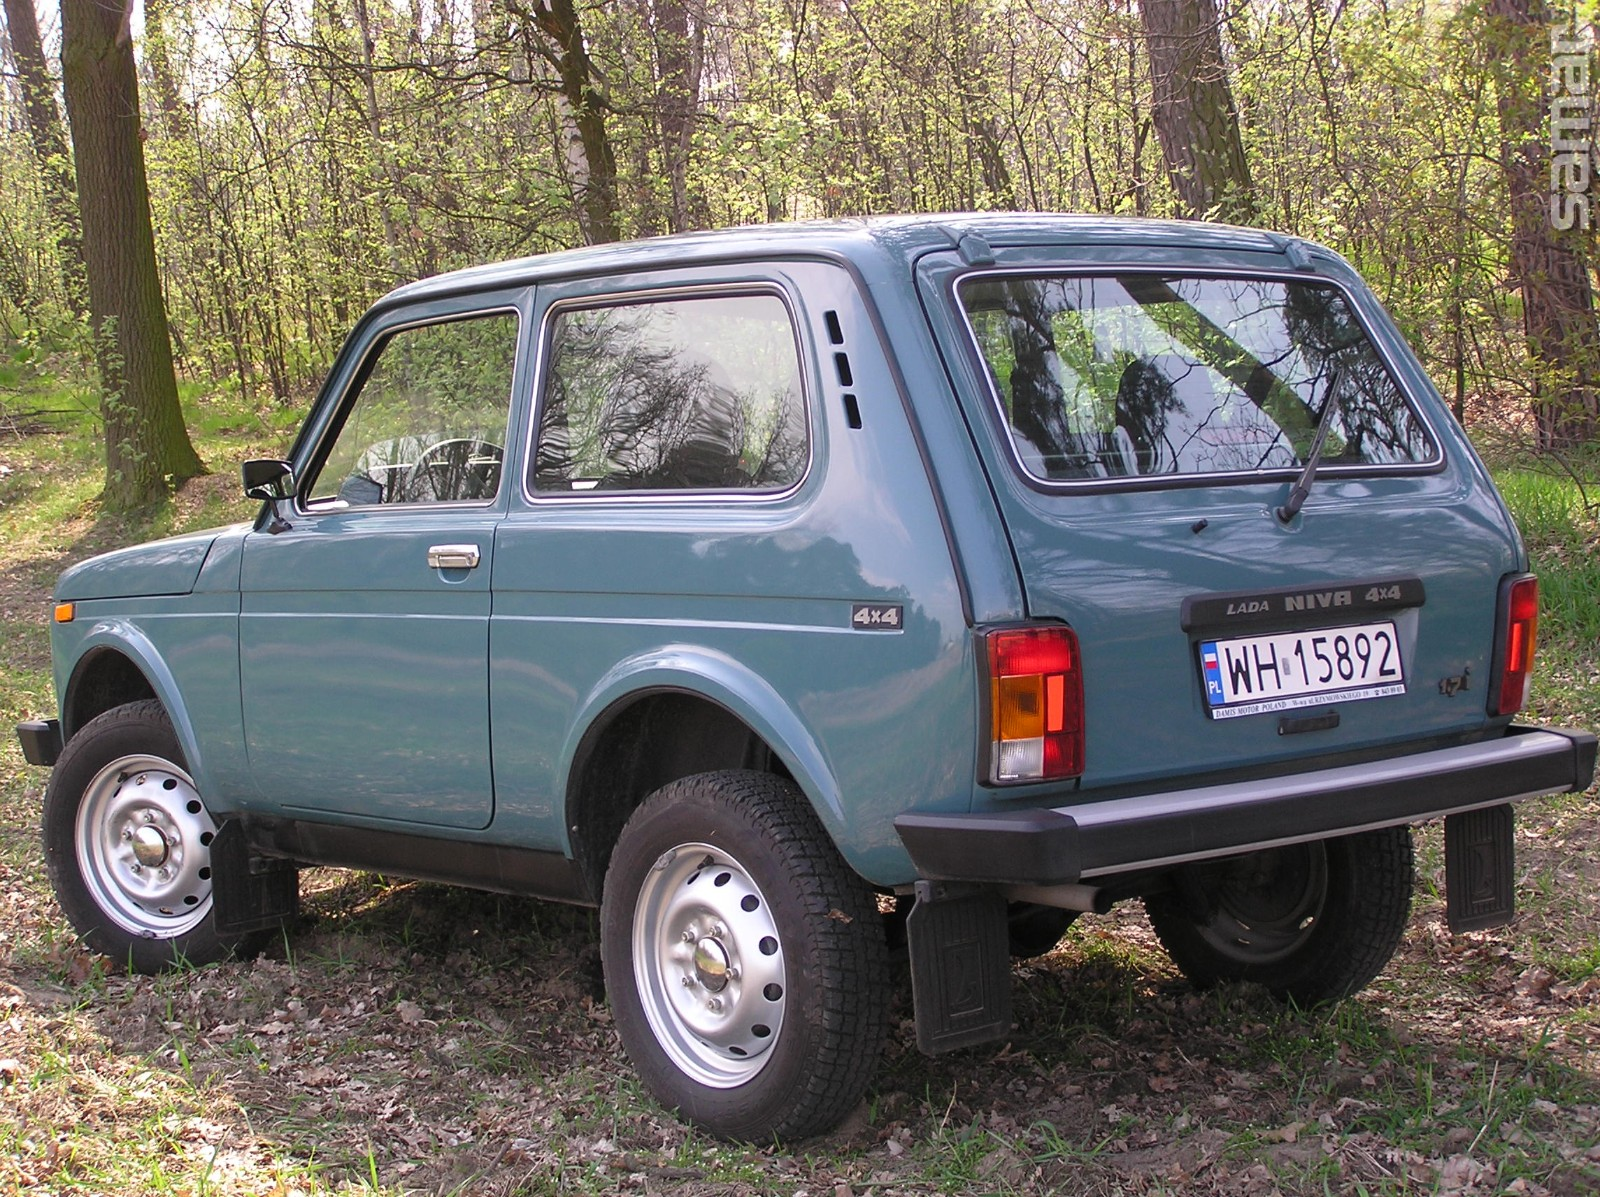 Трехдверный вседорожный автомобиль Лада 4x4 вырос встоимости на, 6 000 руб.